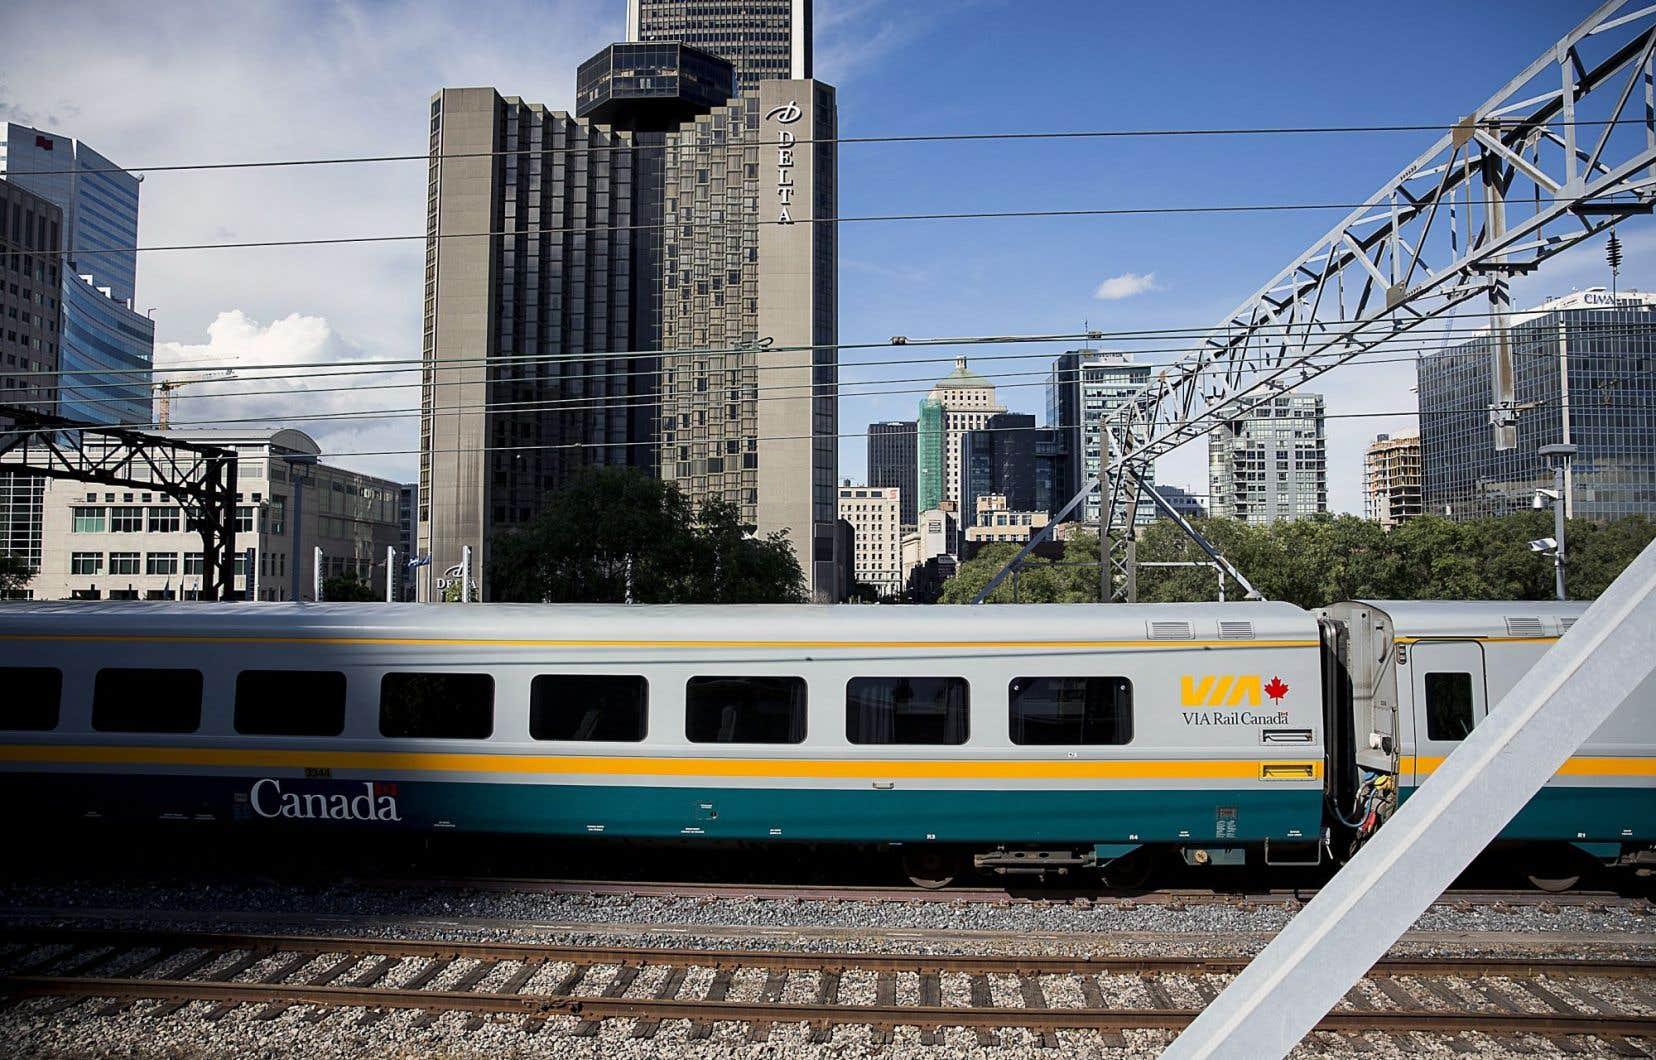 Les trains qui circulent sur les rails appartenant à Via Rail sont plus performants que ceux roulant sur les voies partagées avec les trains de marchandises.